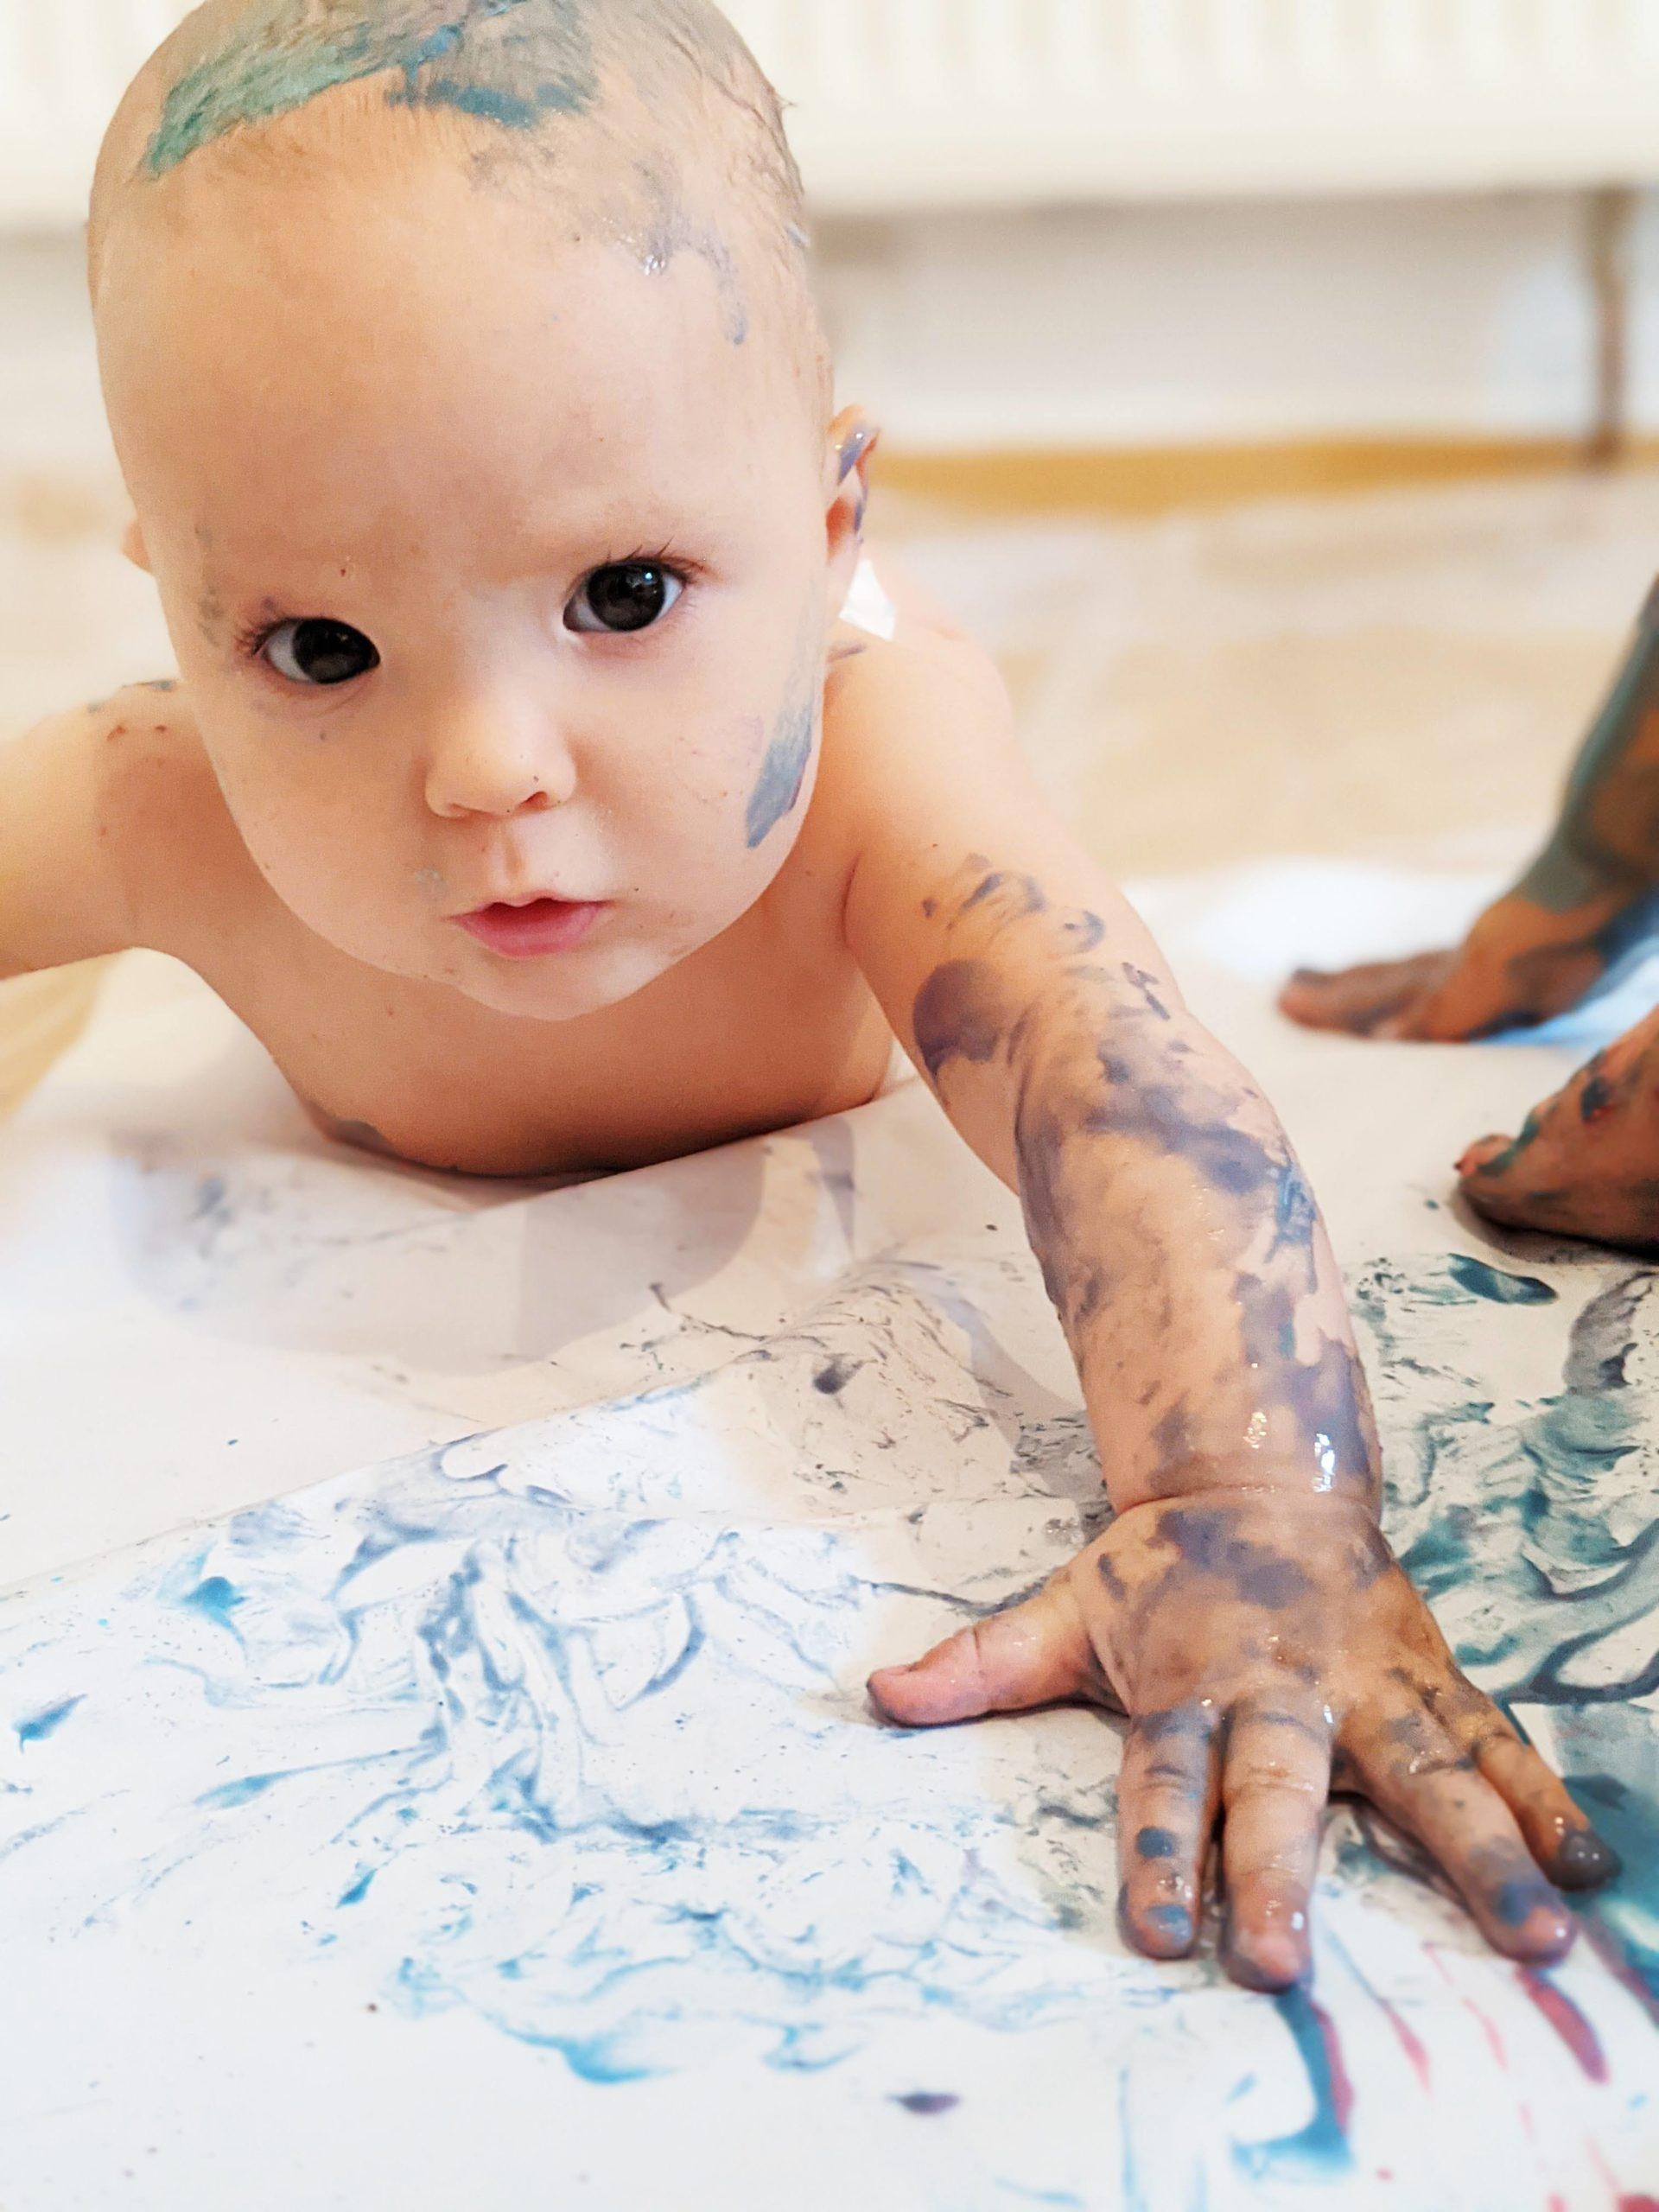 Le 08/10, atelier peinture bébé chez 123 SOLENE, 13001 – 10H